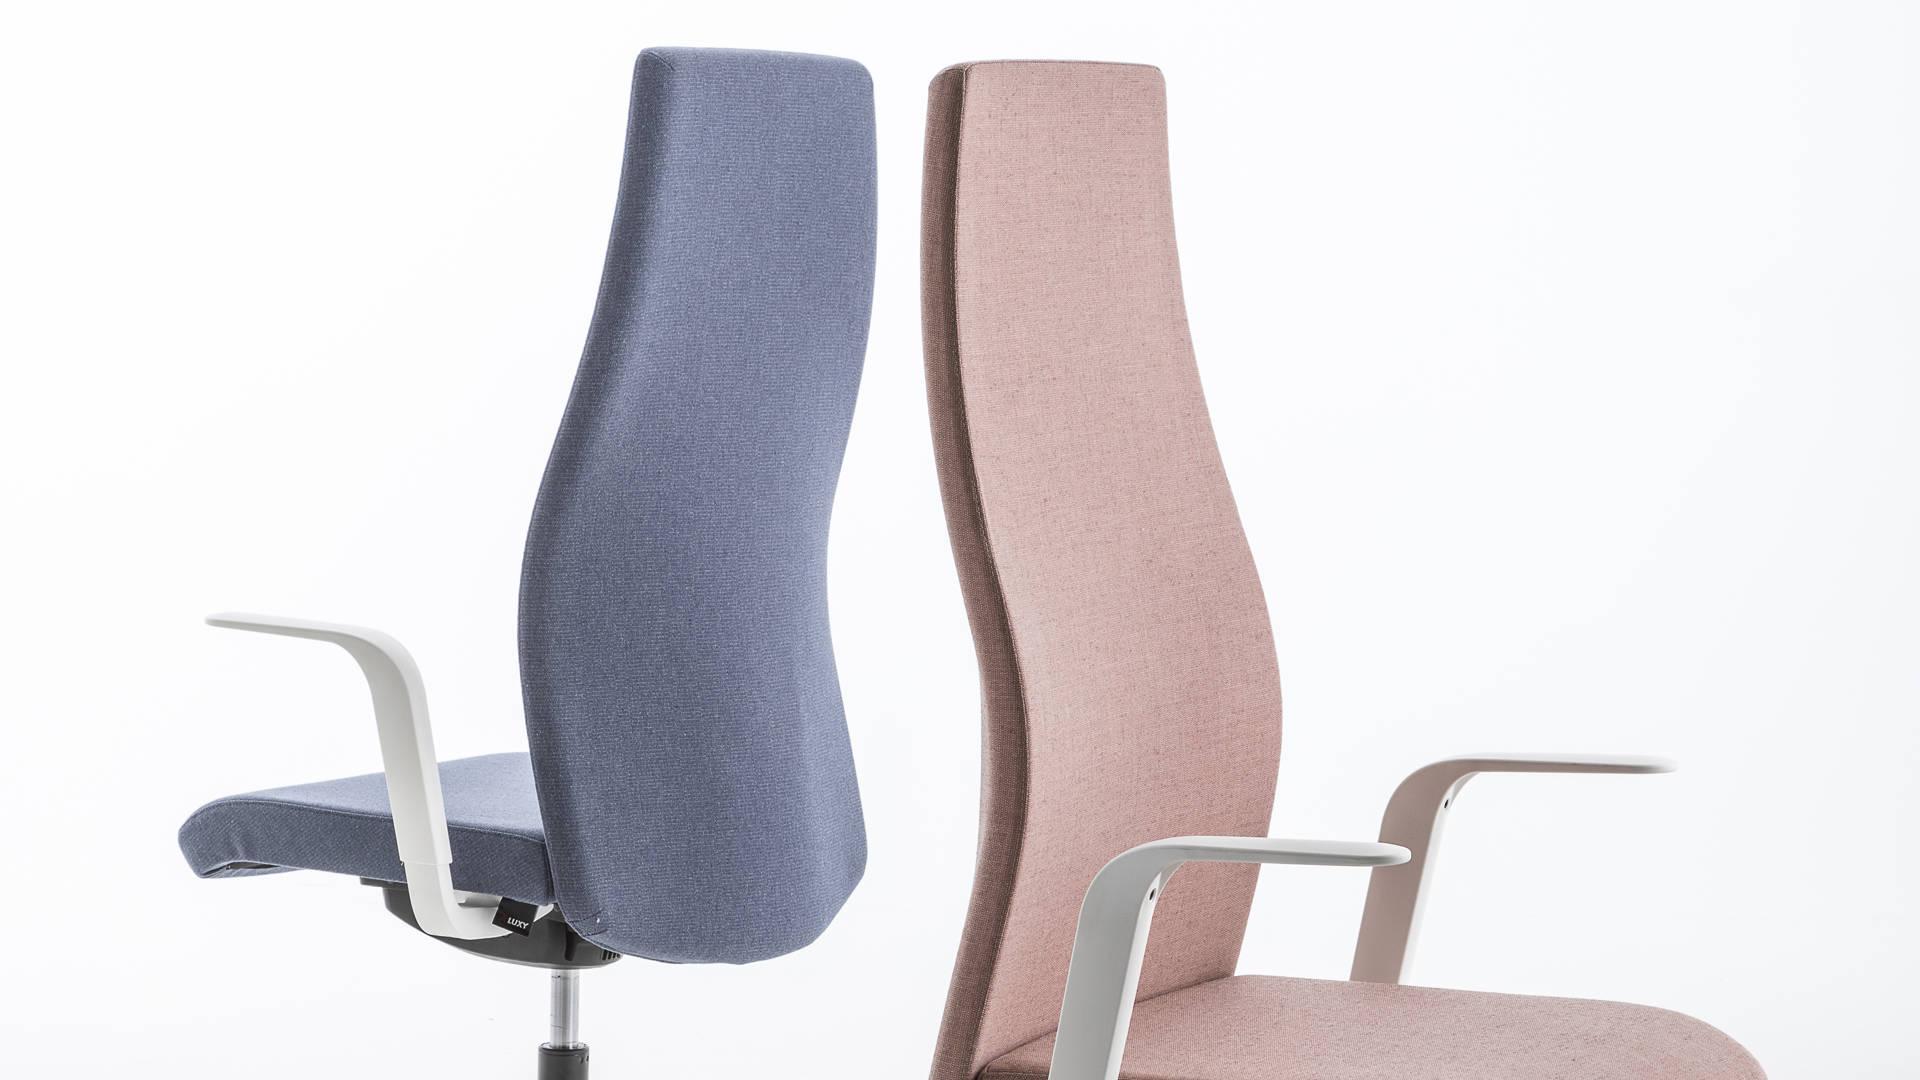 sedia da ufficio regolabile dettaglio schienale smart office luxy